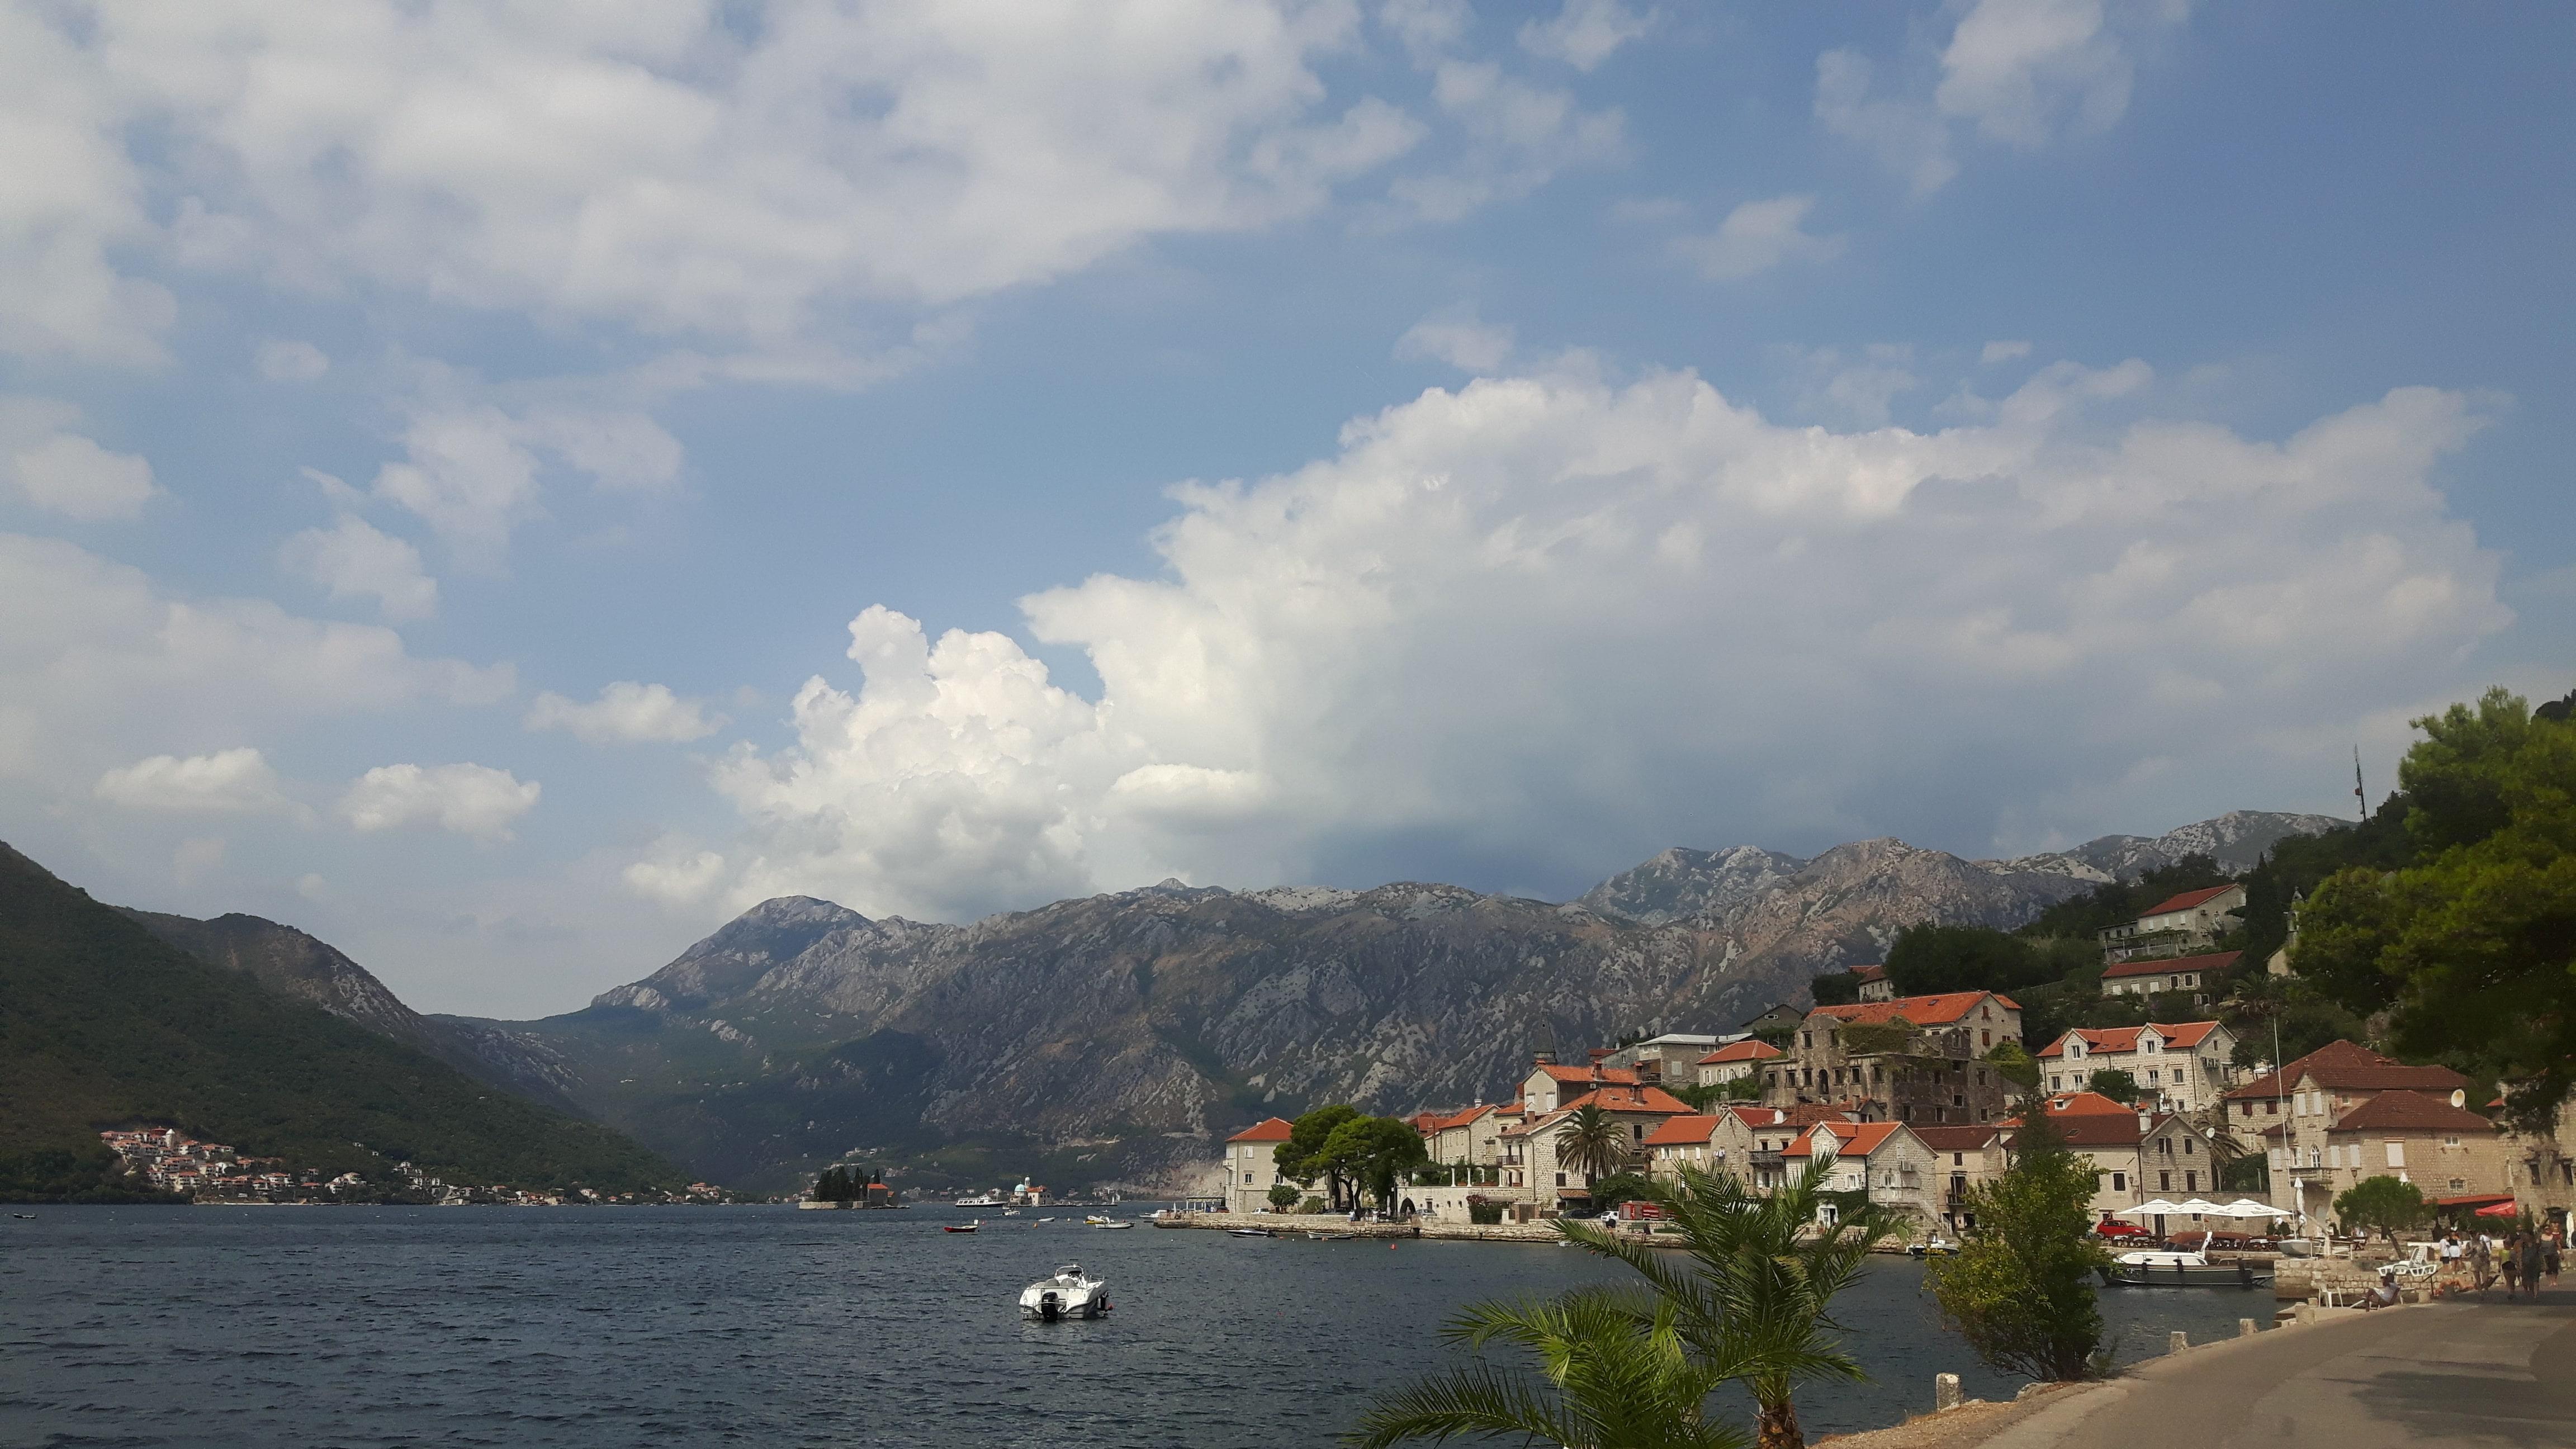 Itinerario in Montenegro, Perast